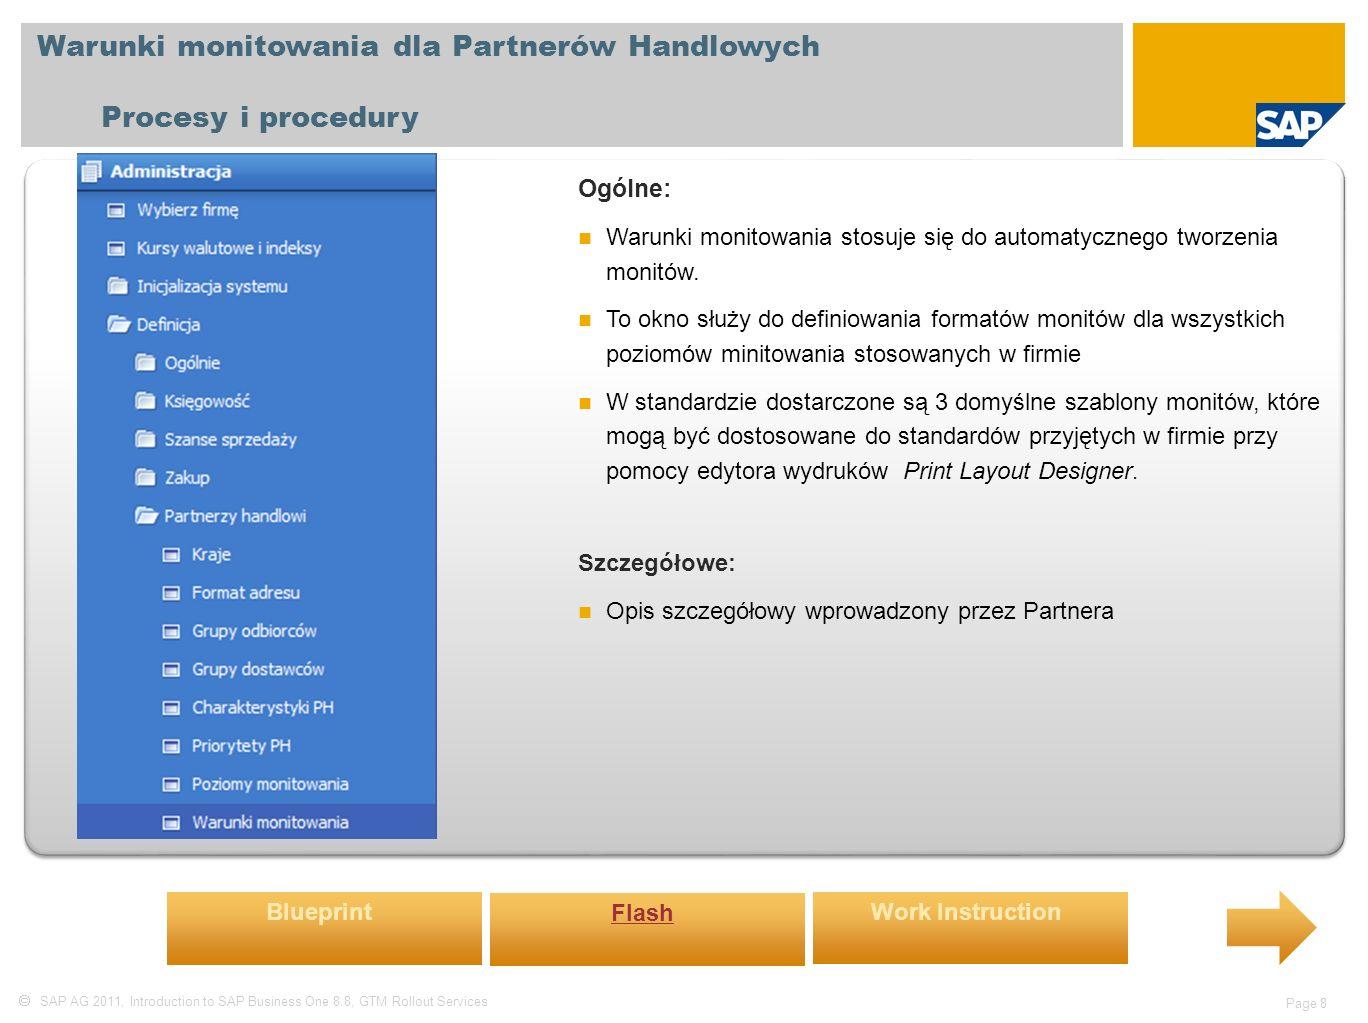  SAP AG 2011, Introduction to SAP Business One 8.8, GTM Rollout Services Page 19 Definiowanie magazynów Procesy i procedury Ogólne: W tym oknie definiuje się wszystkie informacje ogólne związane z magazynami wykorzystywanymi w firmie.